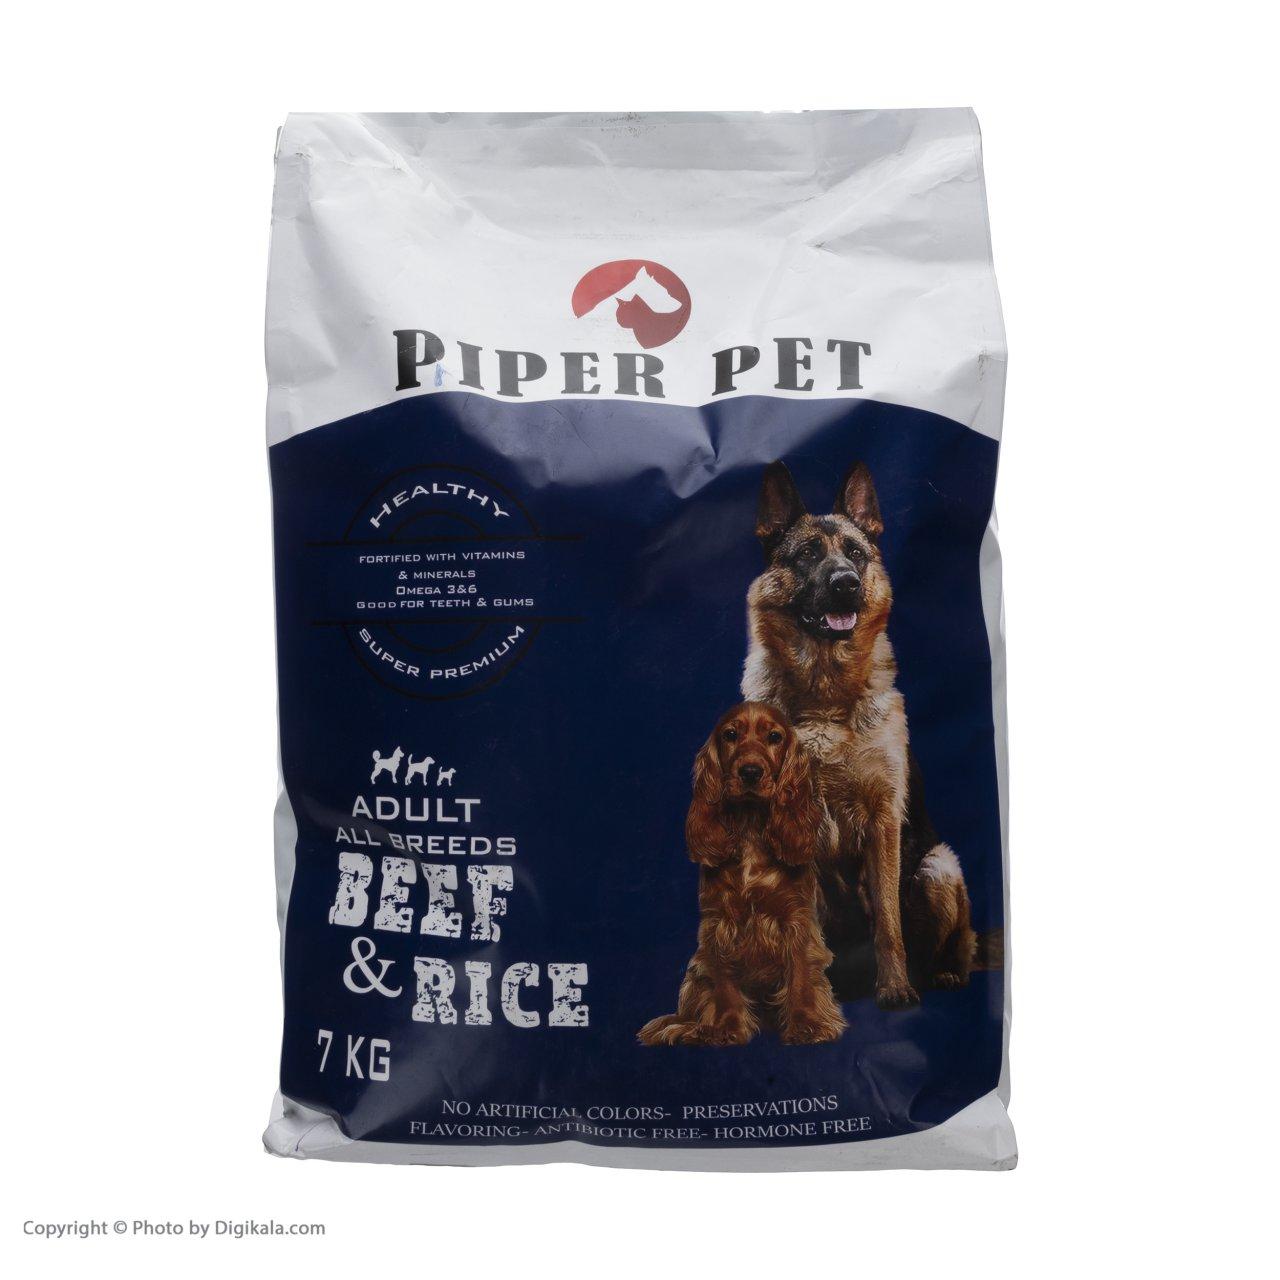 غذای خشک سگ پی پر پت مدل Beef and Rice وزن 7 کیلوگرم